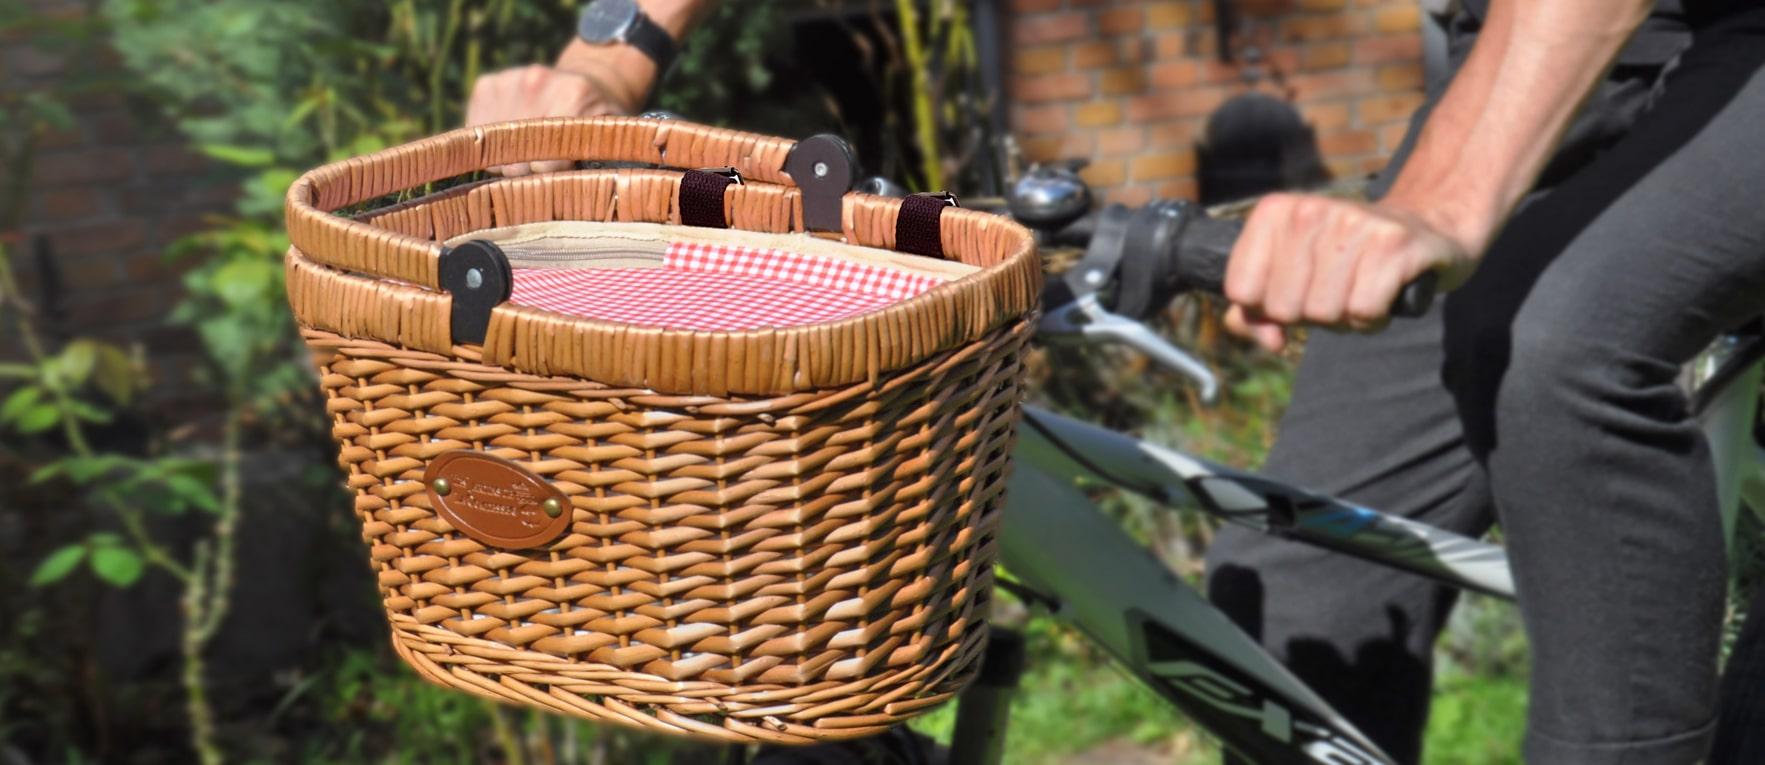 panier velo fabrique en osier acchroché sur un guidon de vélo